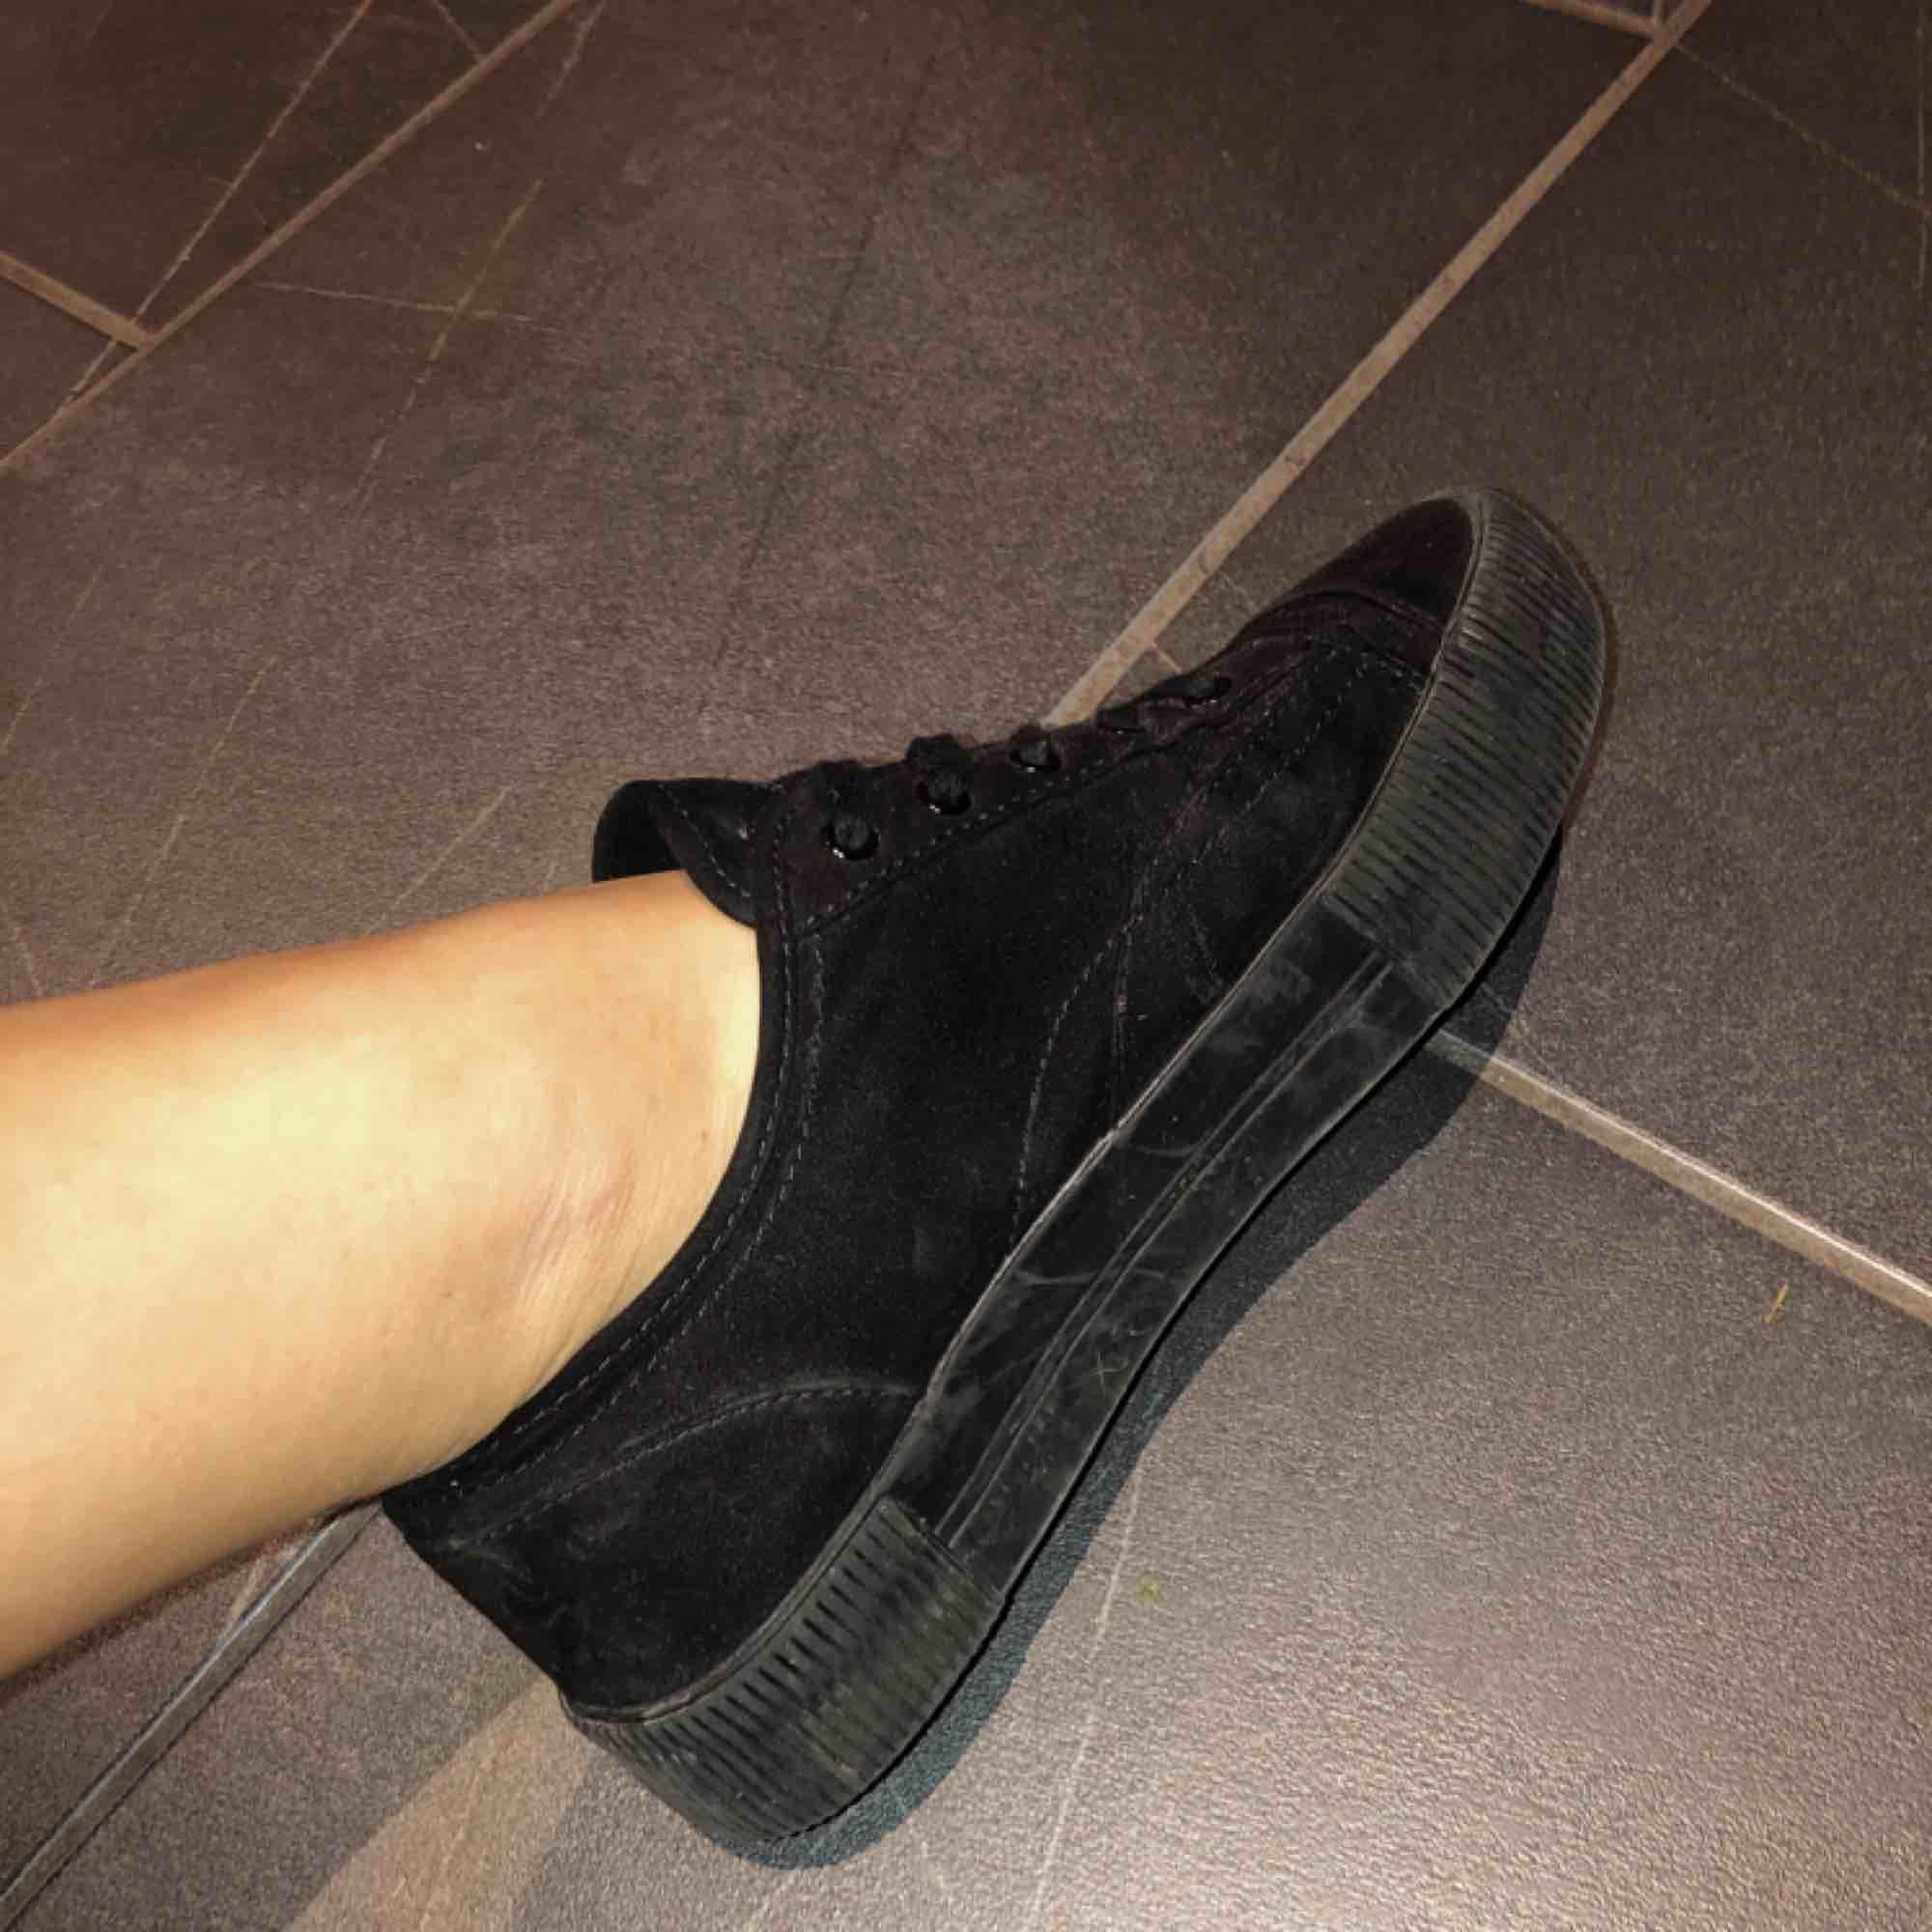 Svarta skor med högre sula ifrån hm leternite. Lite puma inspererade Ganska använda men inga slitningar. Ser smutsigare ut på bilderna med blixt ön verkligheten. (Jag som har stora fötter känner mig ej klumpig i de hahah). Övrigt.